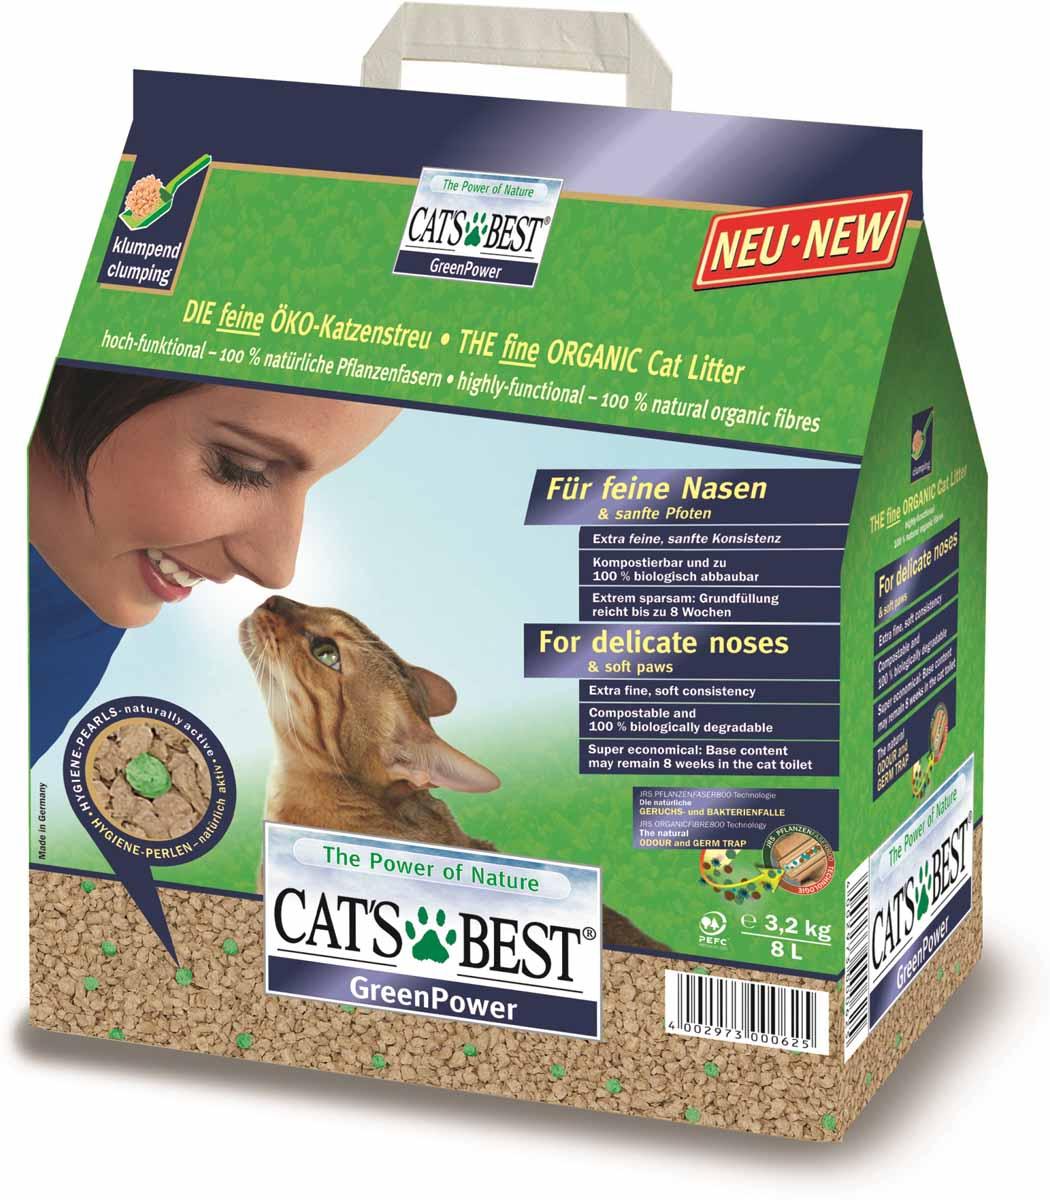 Наполнитель древесный комкующийся Cat's Best  Green Power , 8 л (3,2 кг) - Наполнители и туалетные принадлежности